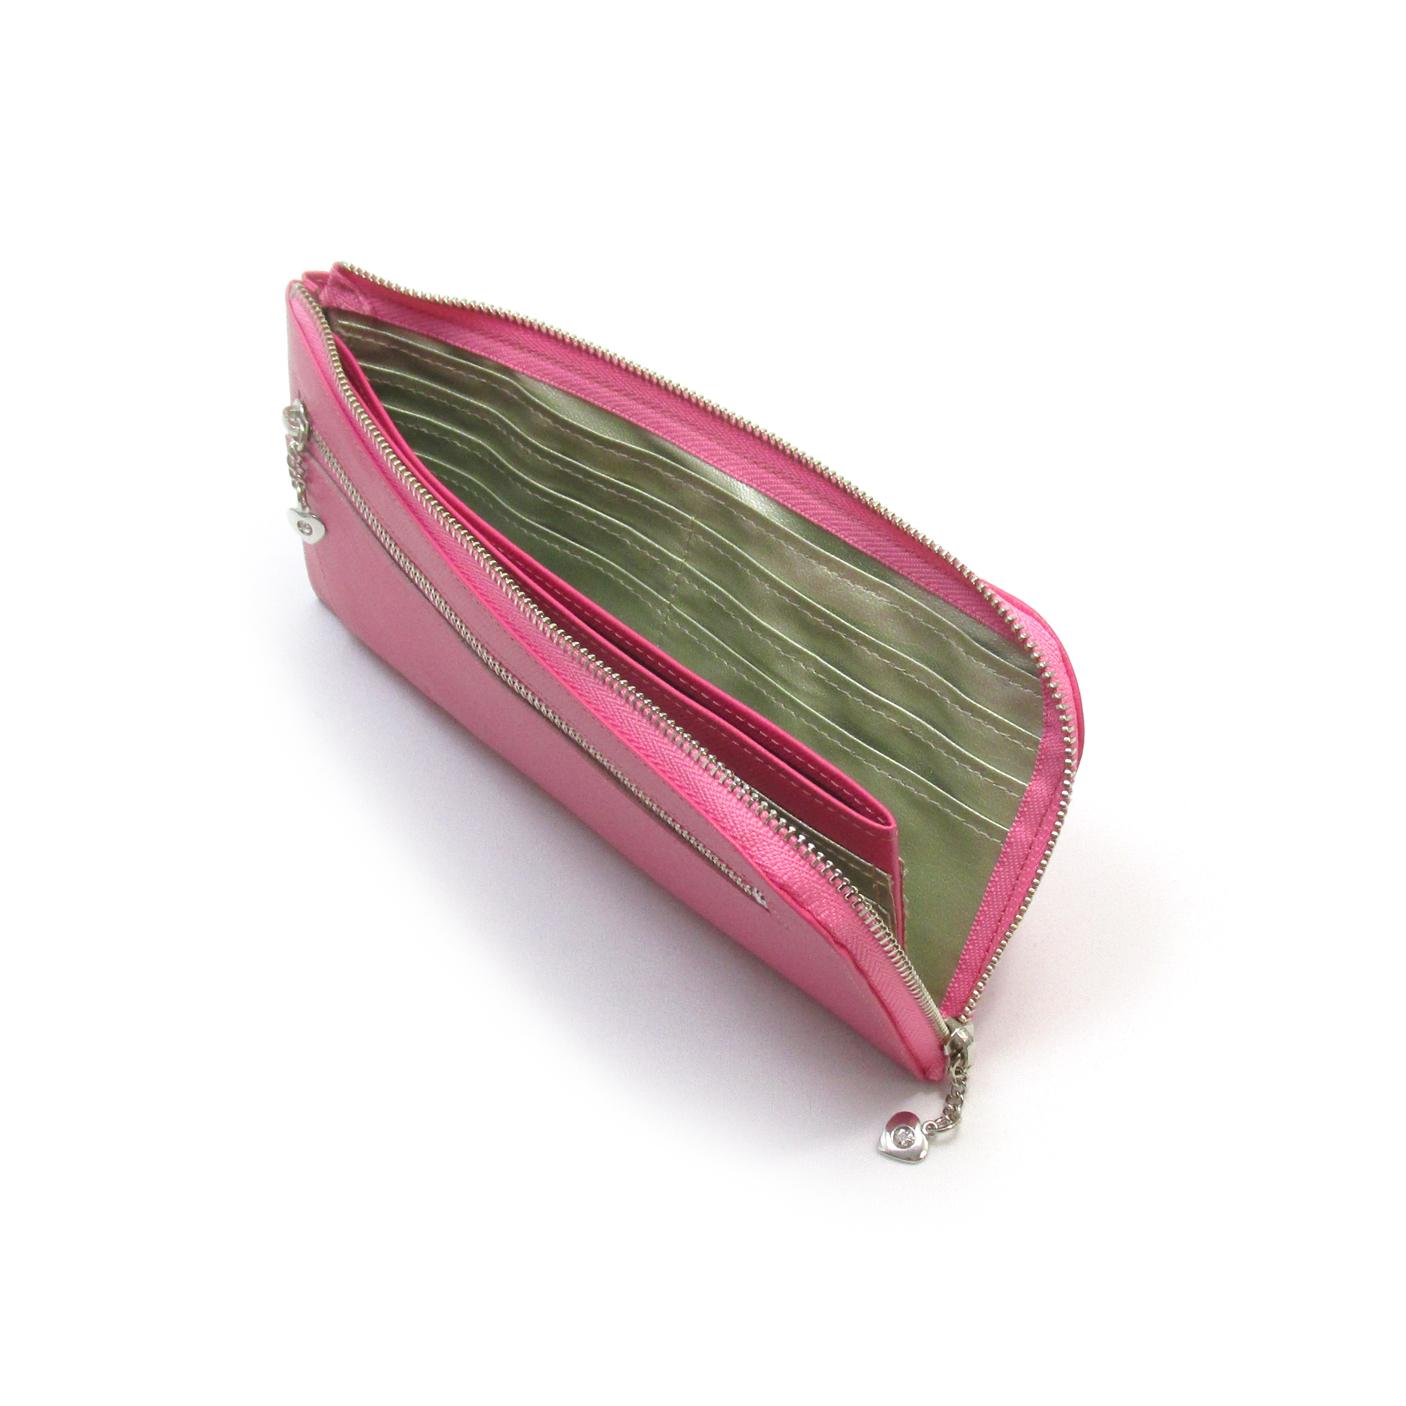 《ビージュエルド》薄型長財布<ヘアライン角シボ>・キラリと輝くスワロフスキー【ピンク】